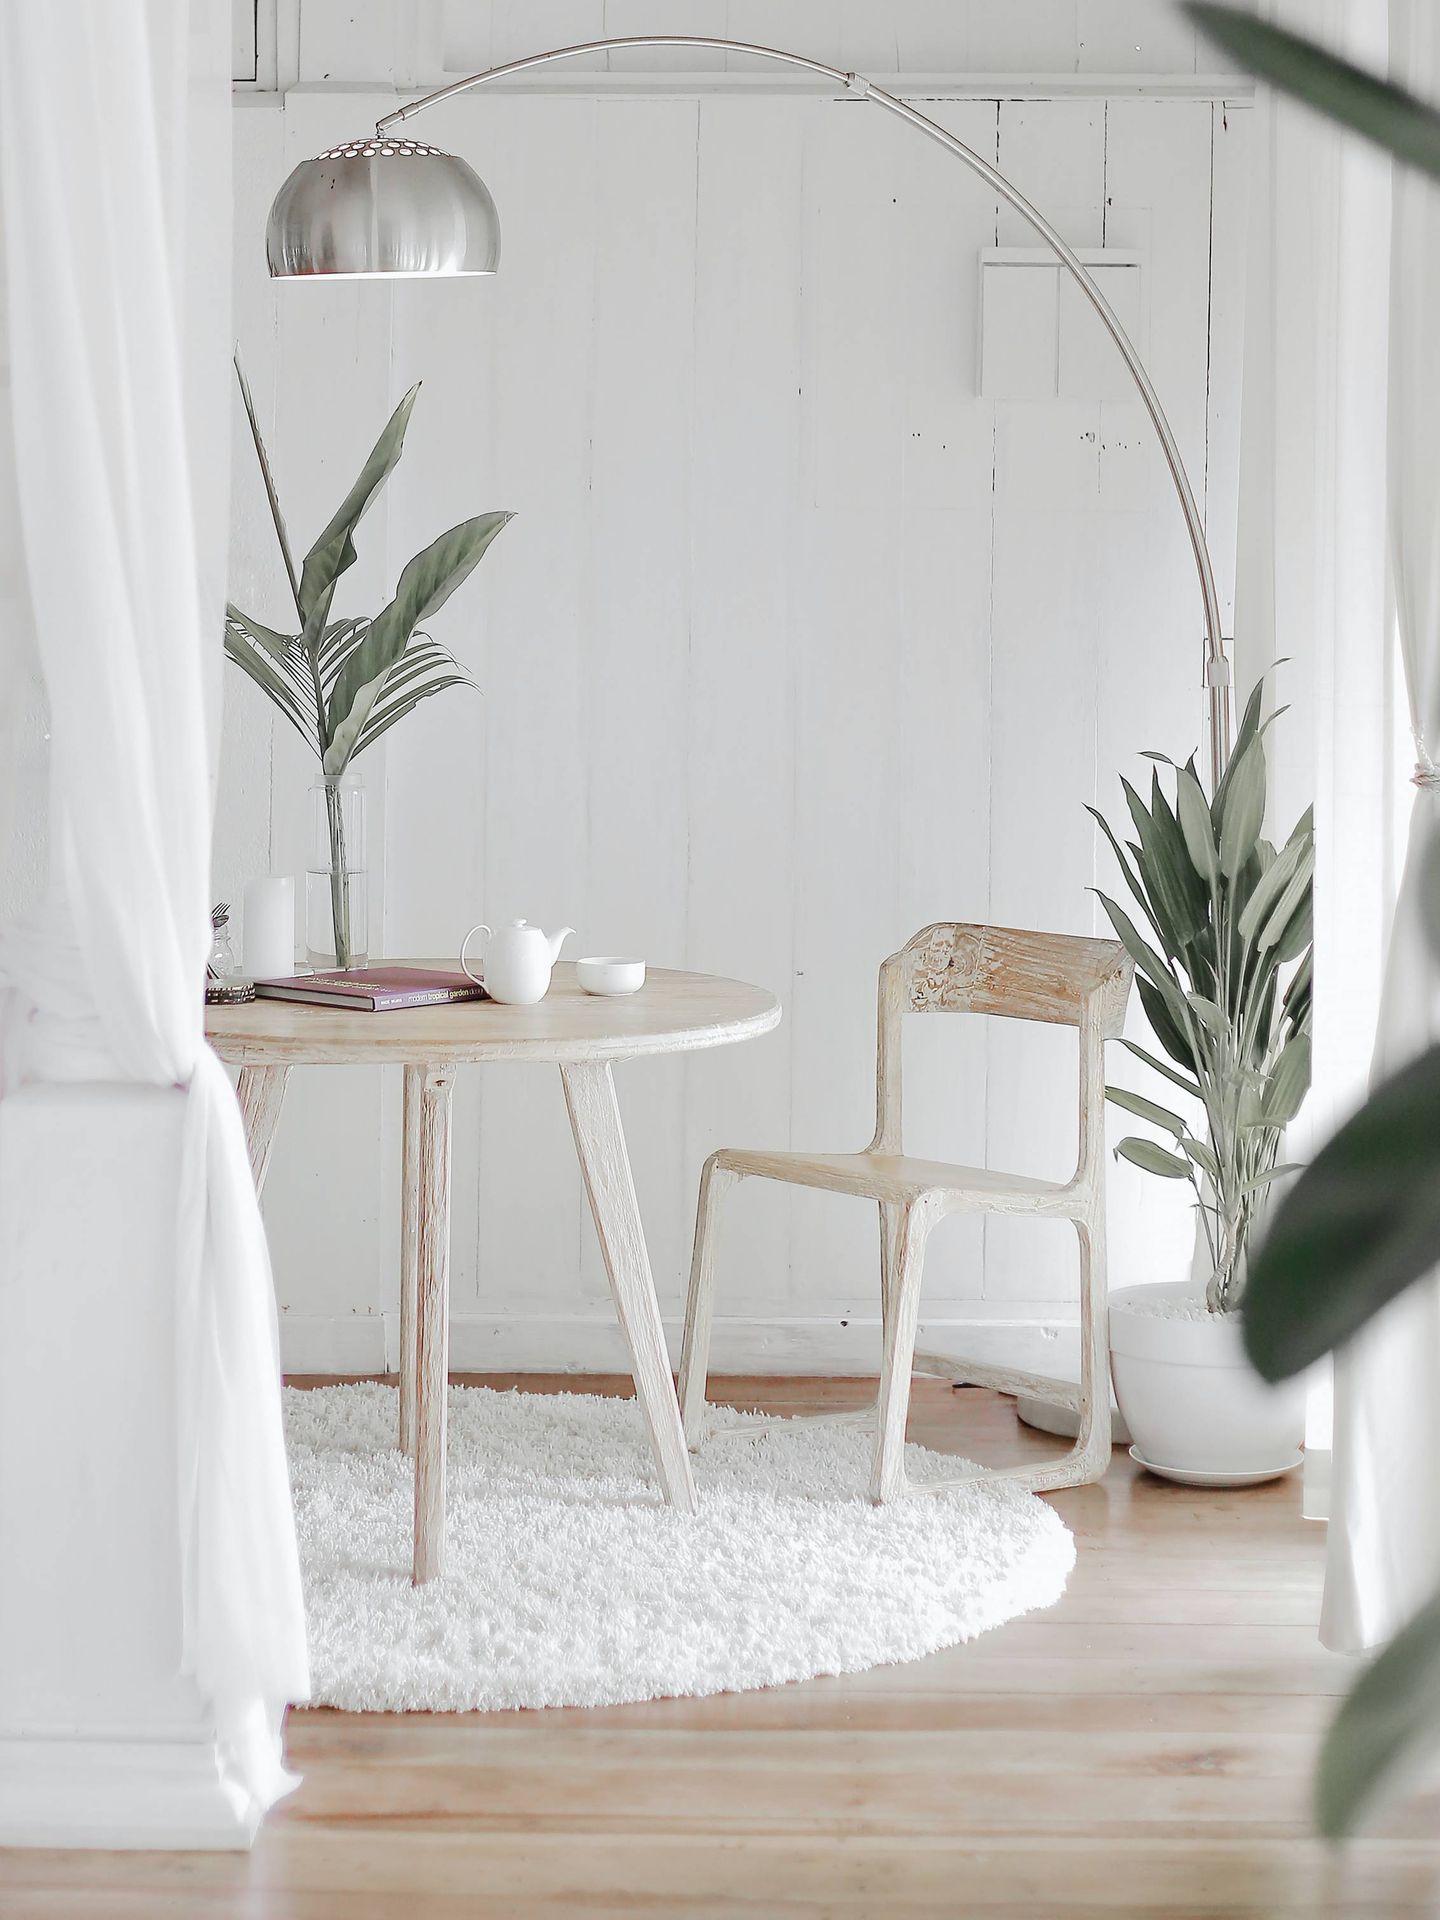 Decora tu casa con colores relajantes. (Hutomo Abrianto para Unsplash)